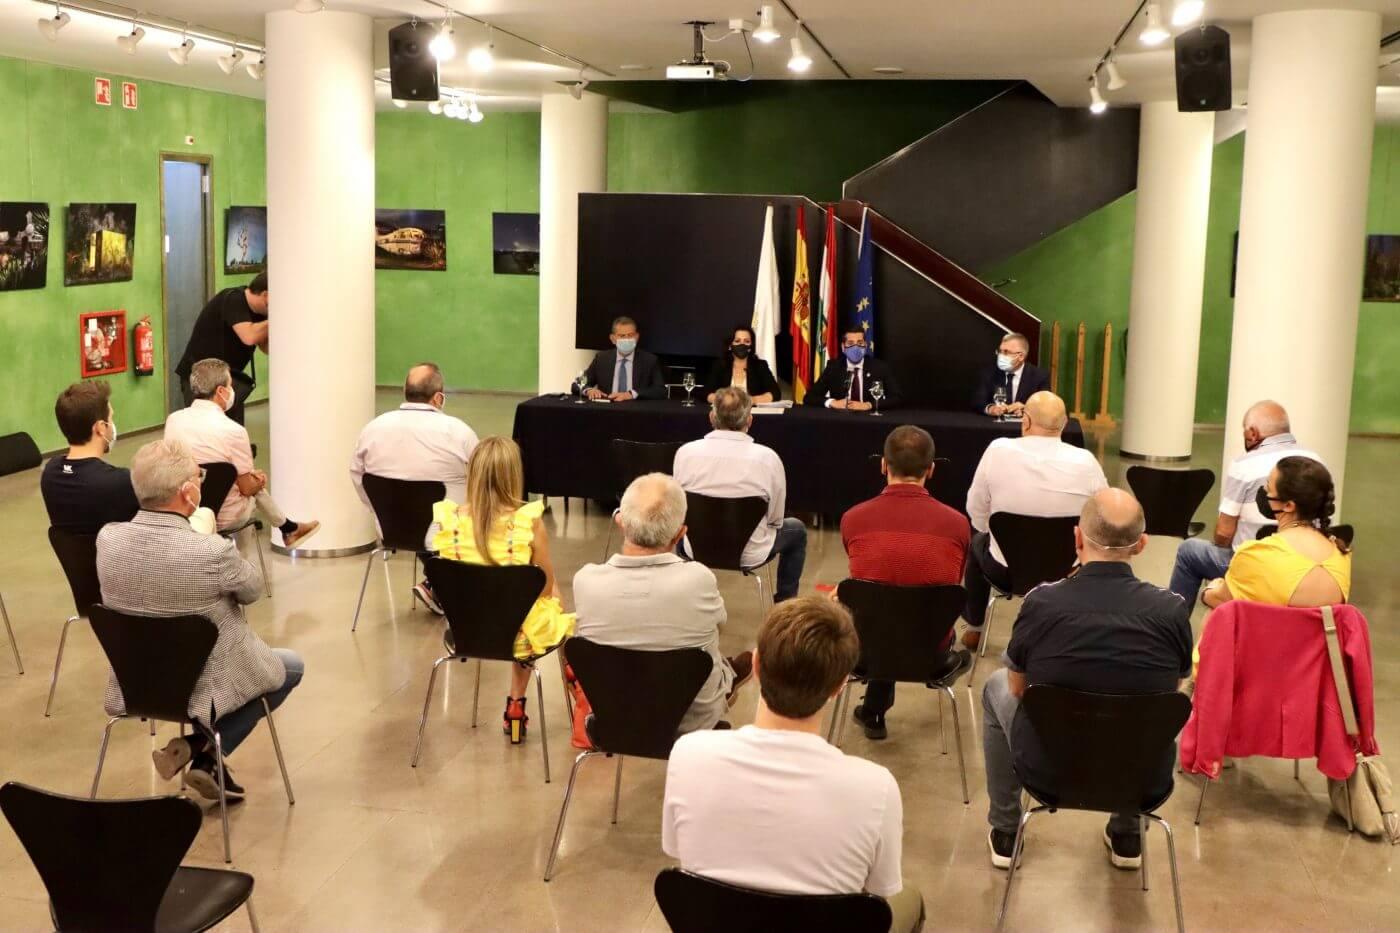 El Gobierno de La Rioja aprobará una línea de subvenciones, con efecto retroactivo, para la adquisición de suelo industrial y construcción de naves